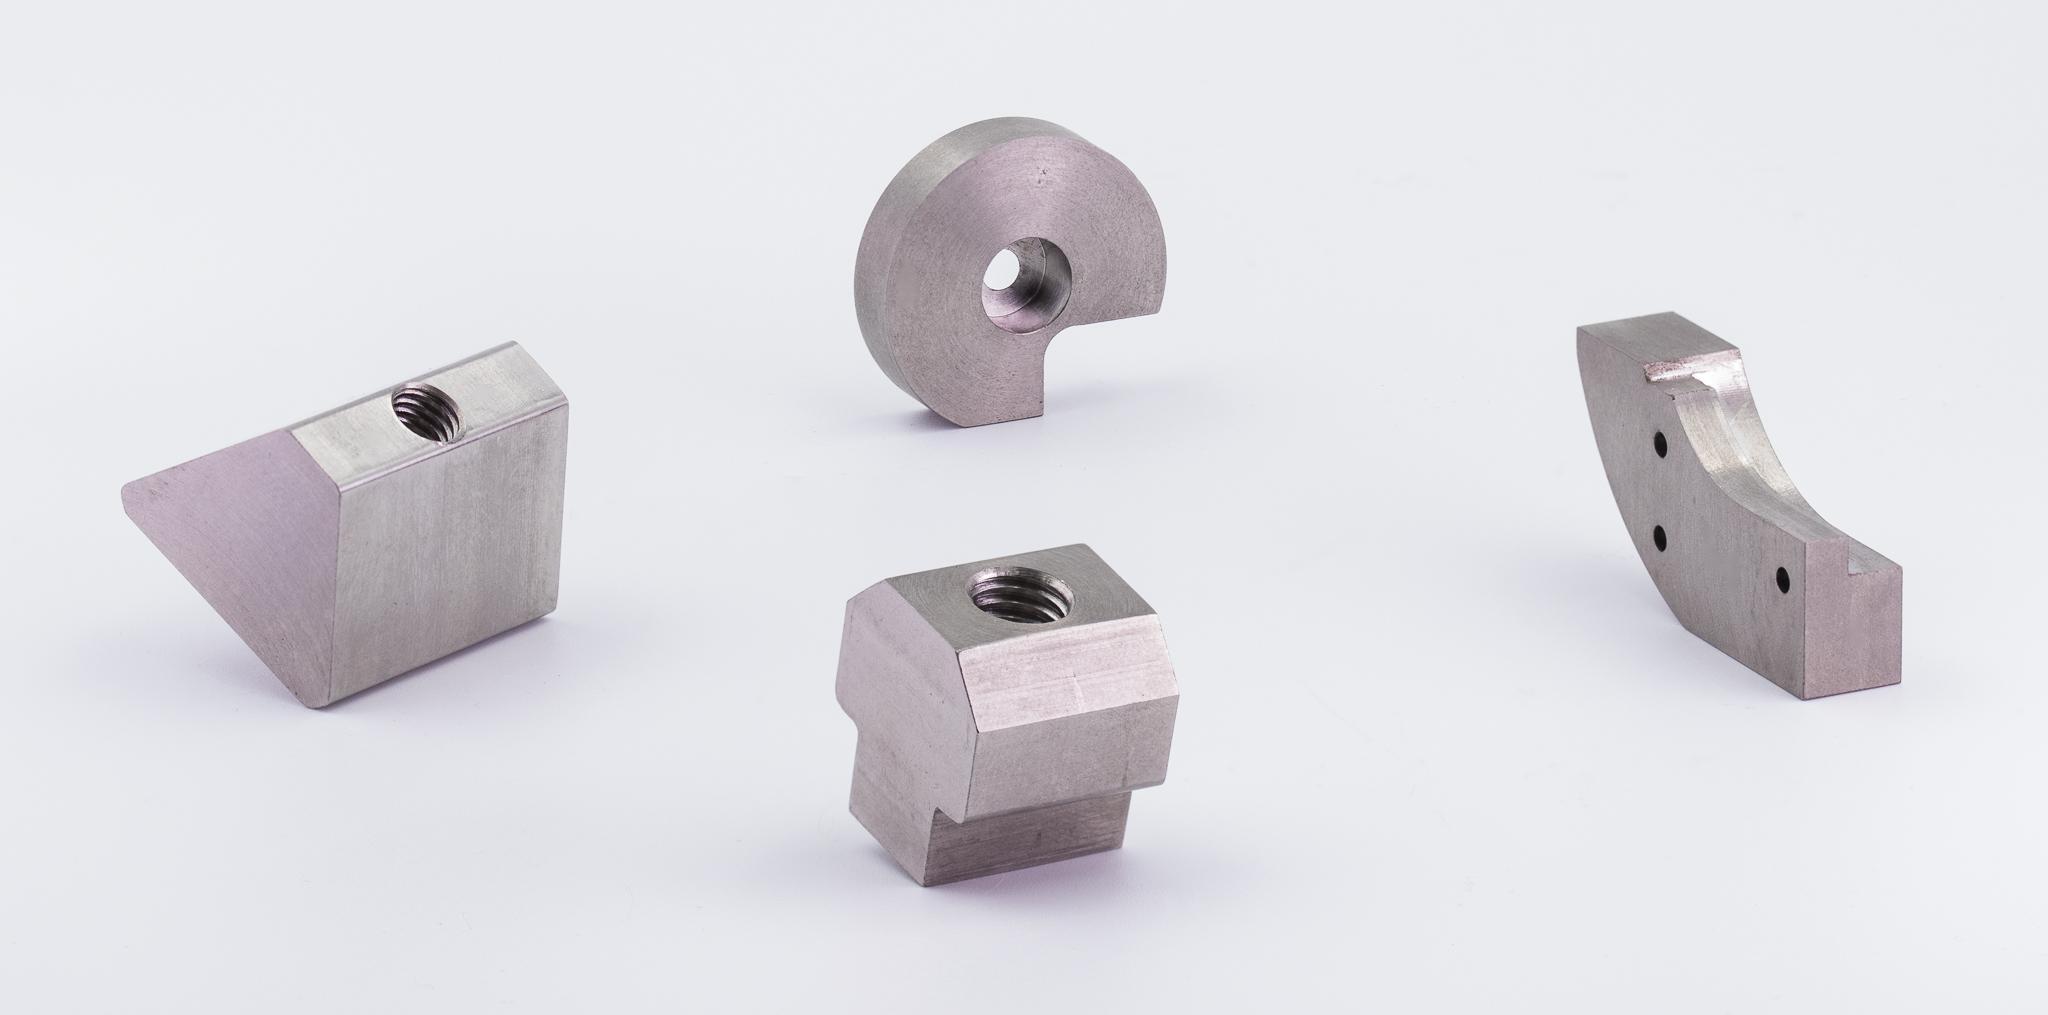 Heavy tungsten alloy